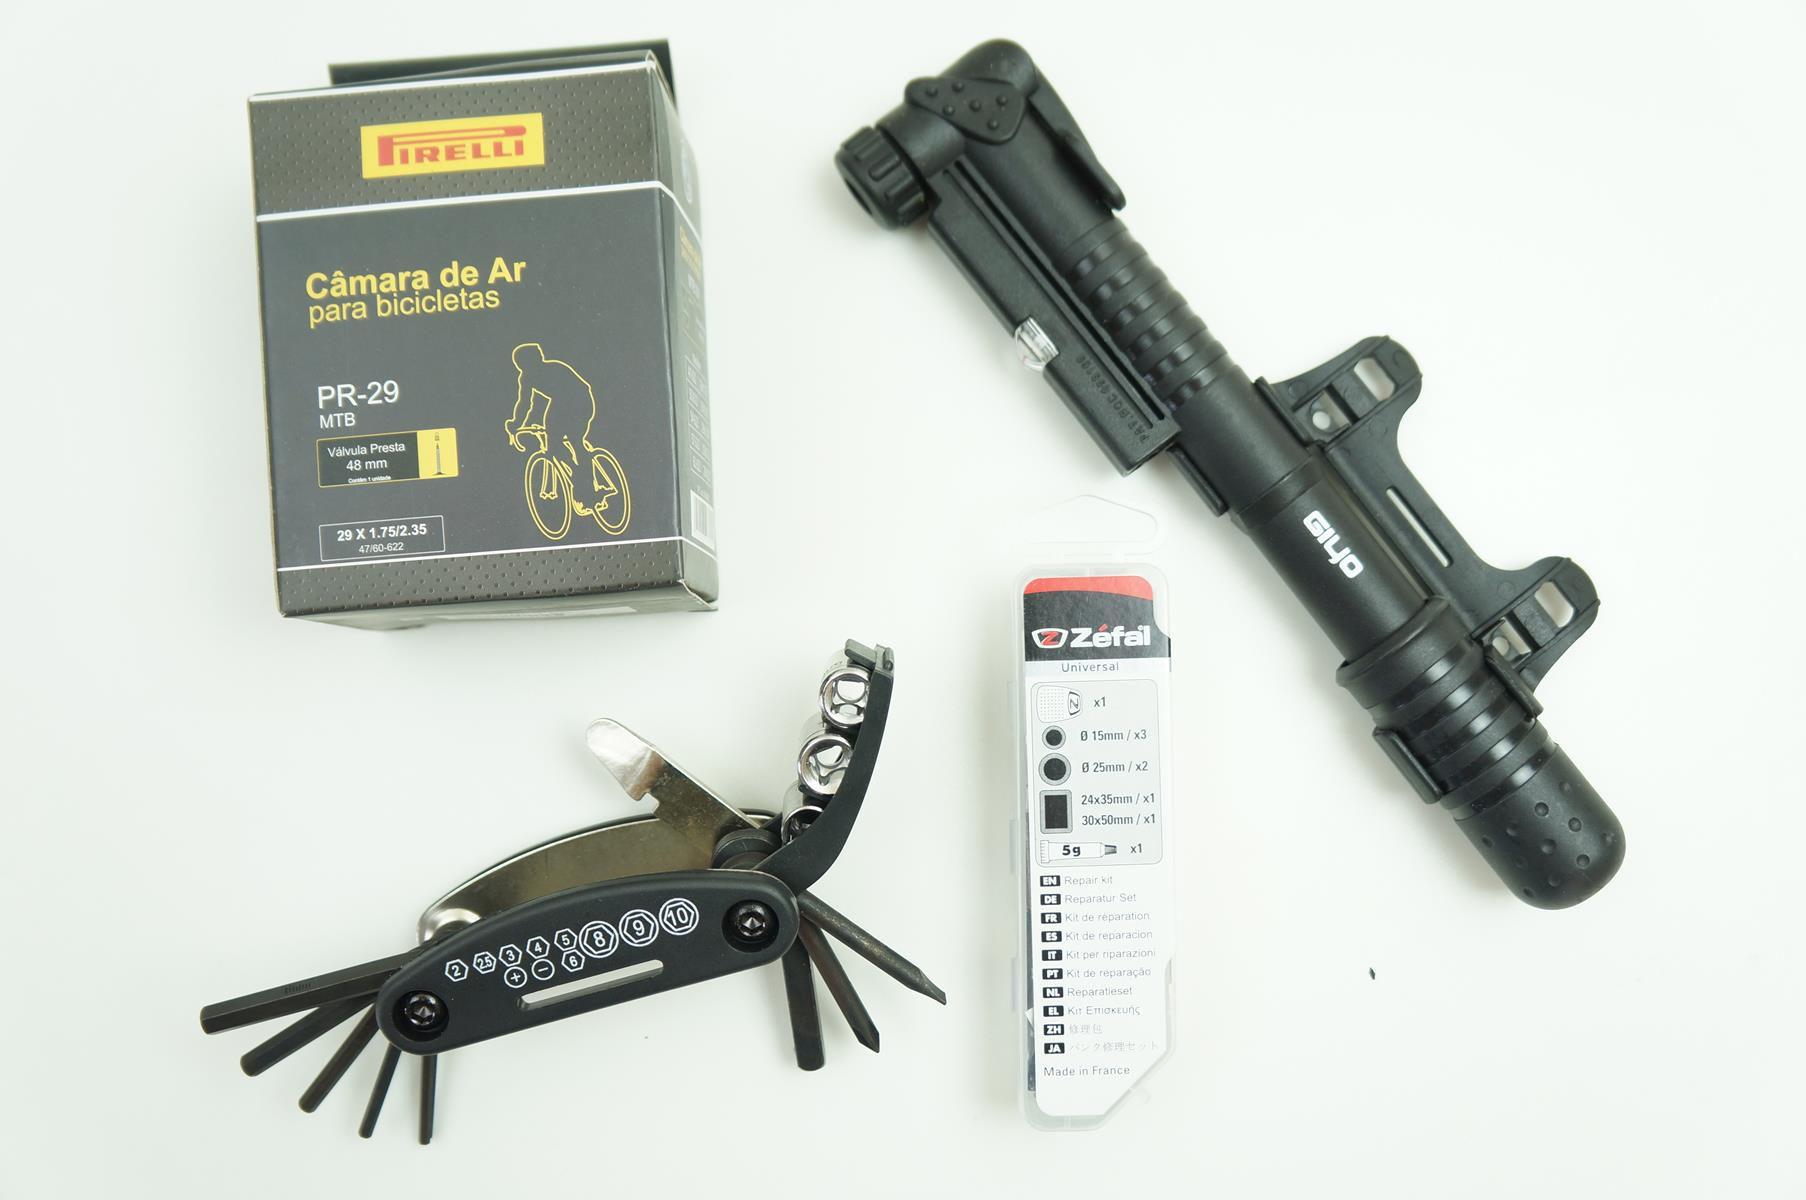 Kit Ferramentas para Bicicletas Câmara de Ar 29 + Canivete + Bomba + Remendo Pneu